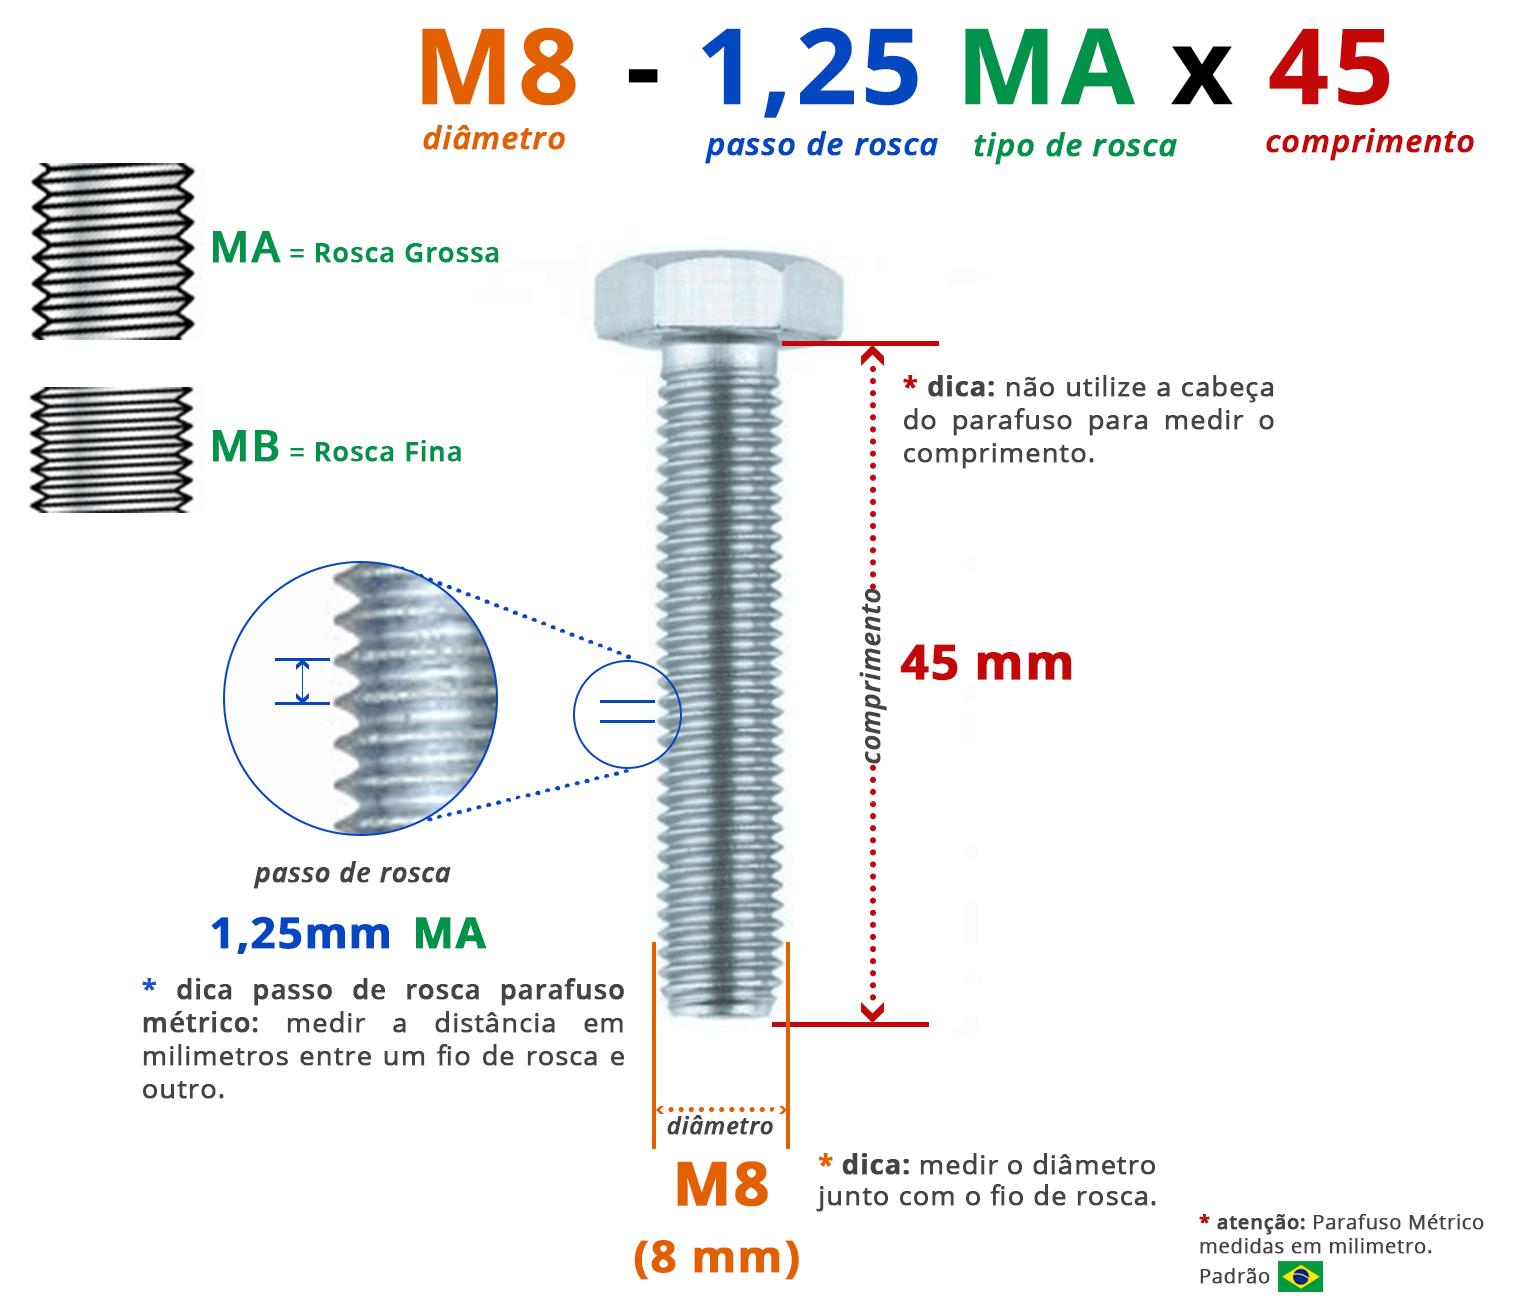 PARAFUSO SEXTAVADO ROSCA INTEIRA M8 1,25 MA X 45 DIN 933 AÇO CARBONO CLASSE 5.8 ZINCADO BRANCO